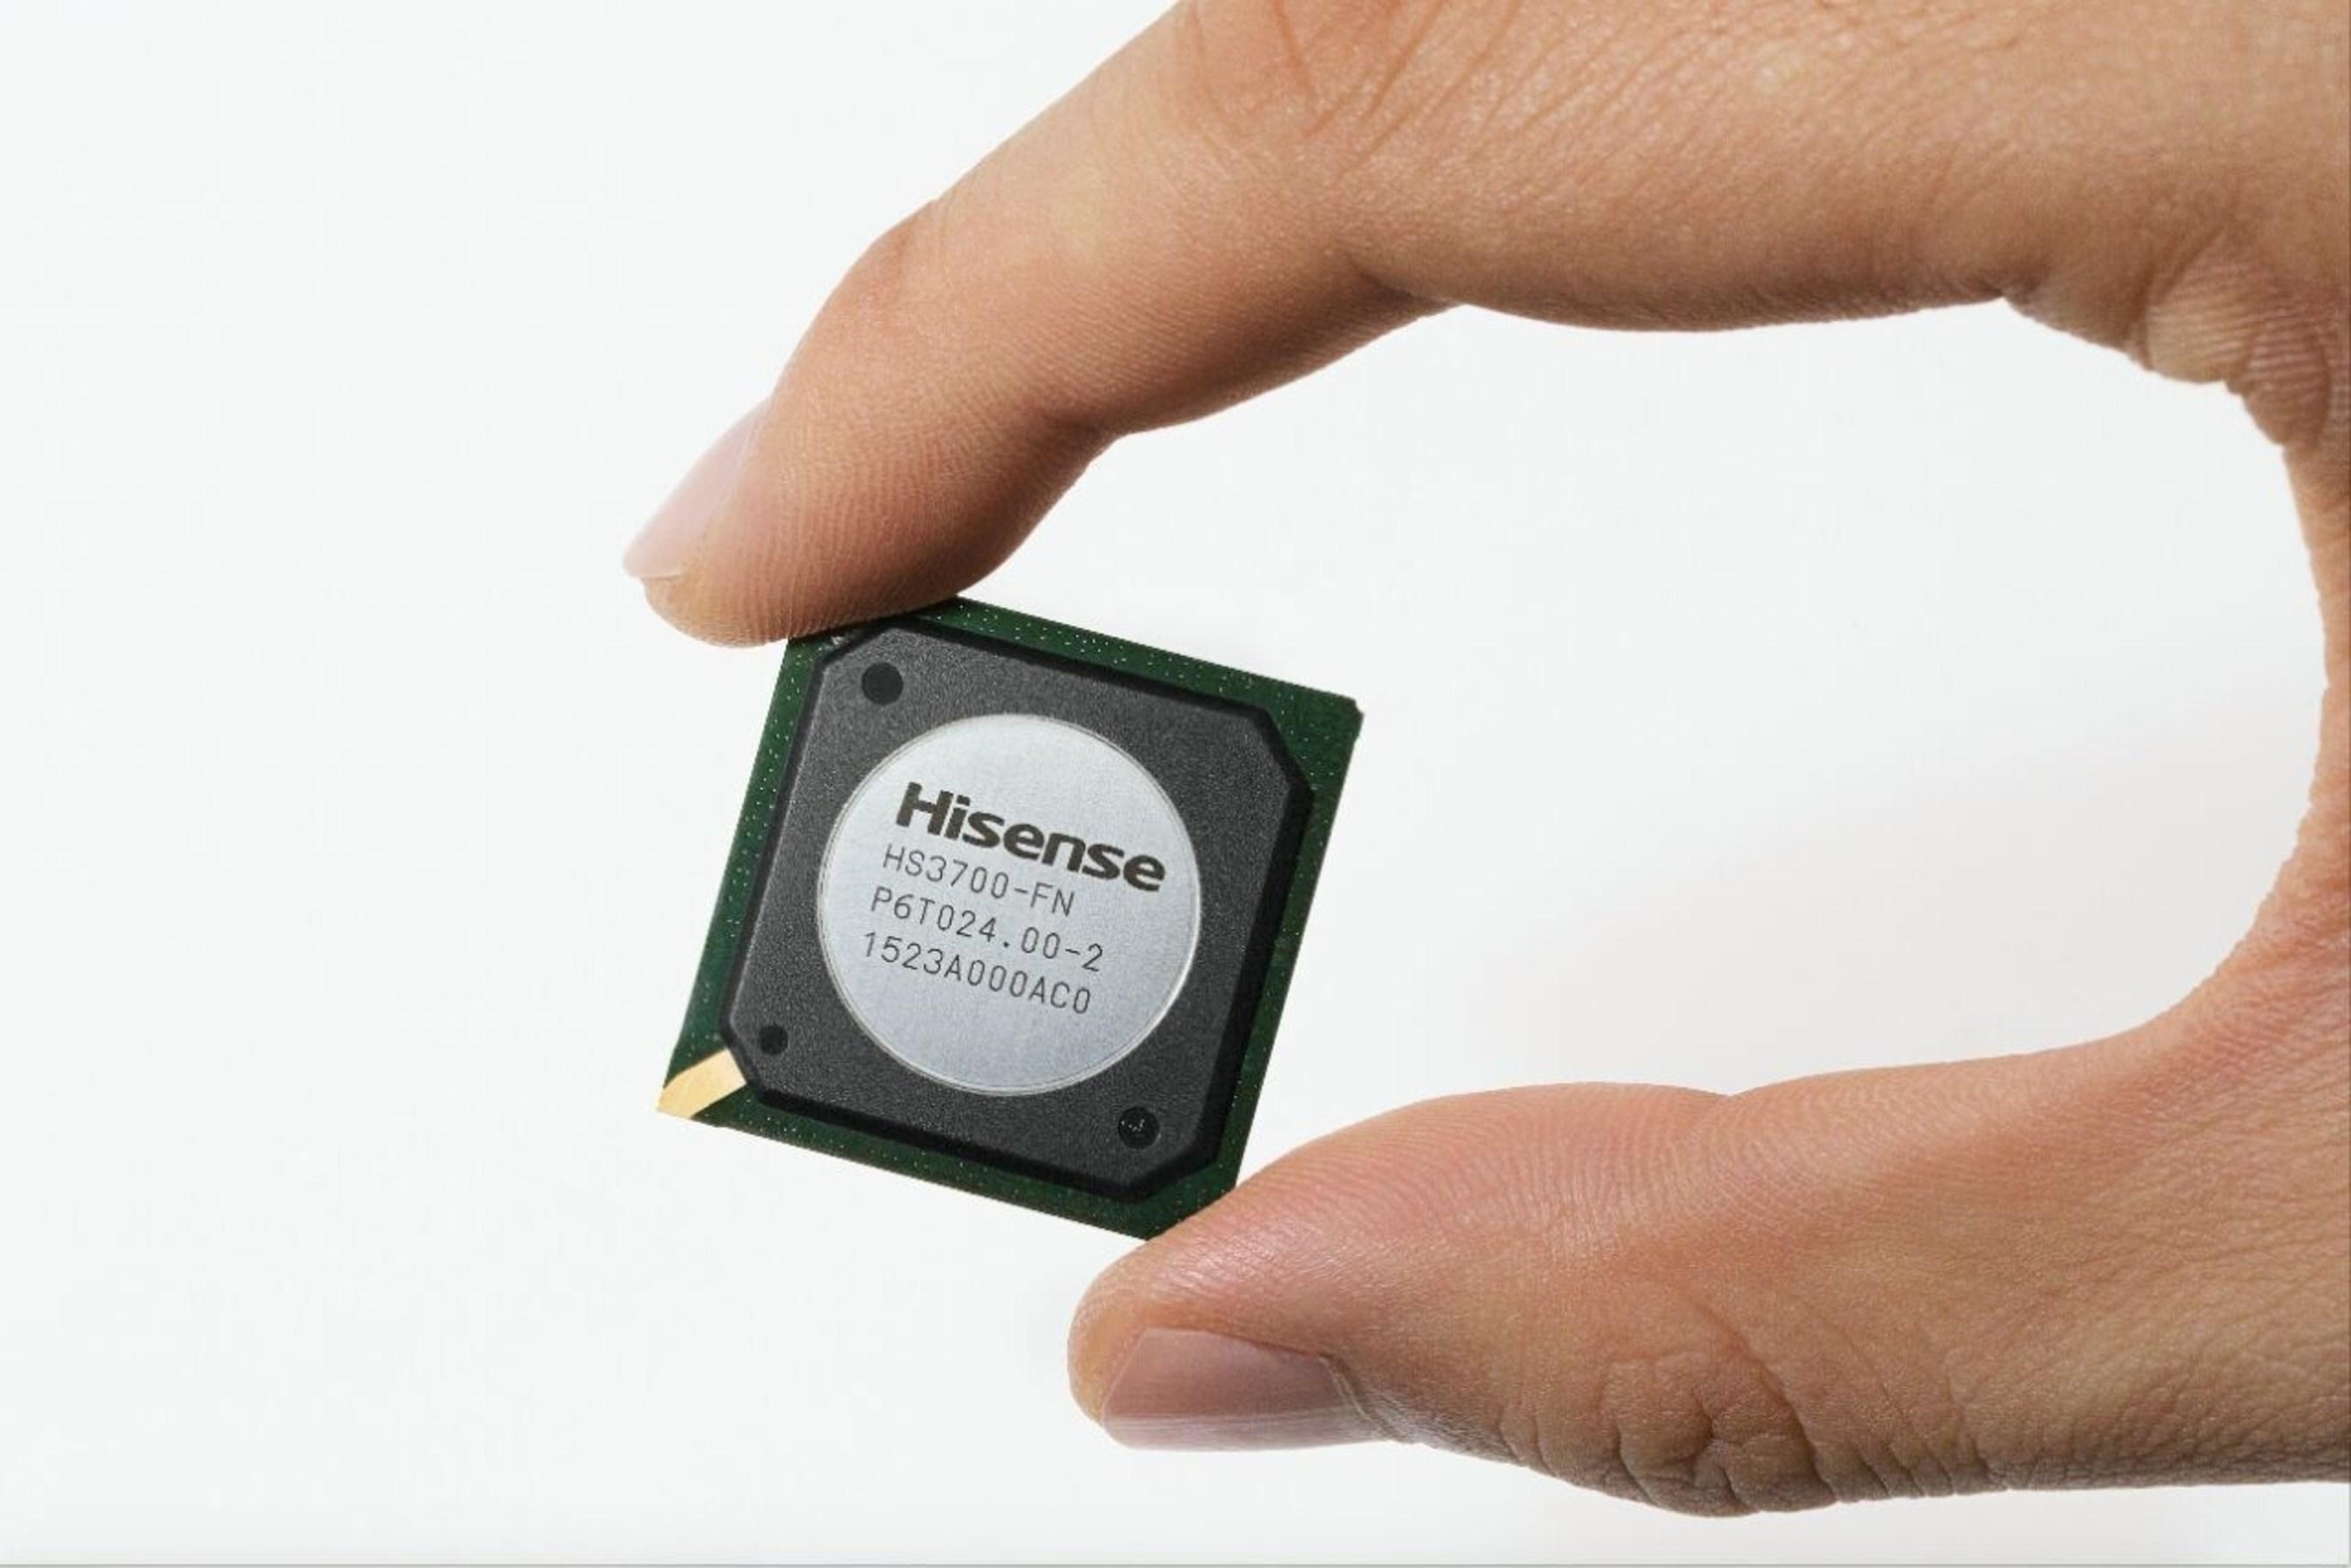 Hisense lance la première puce pour moteur graphique indépendamment développée en Chine